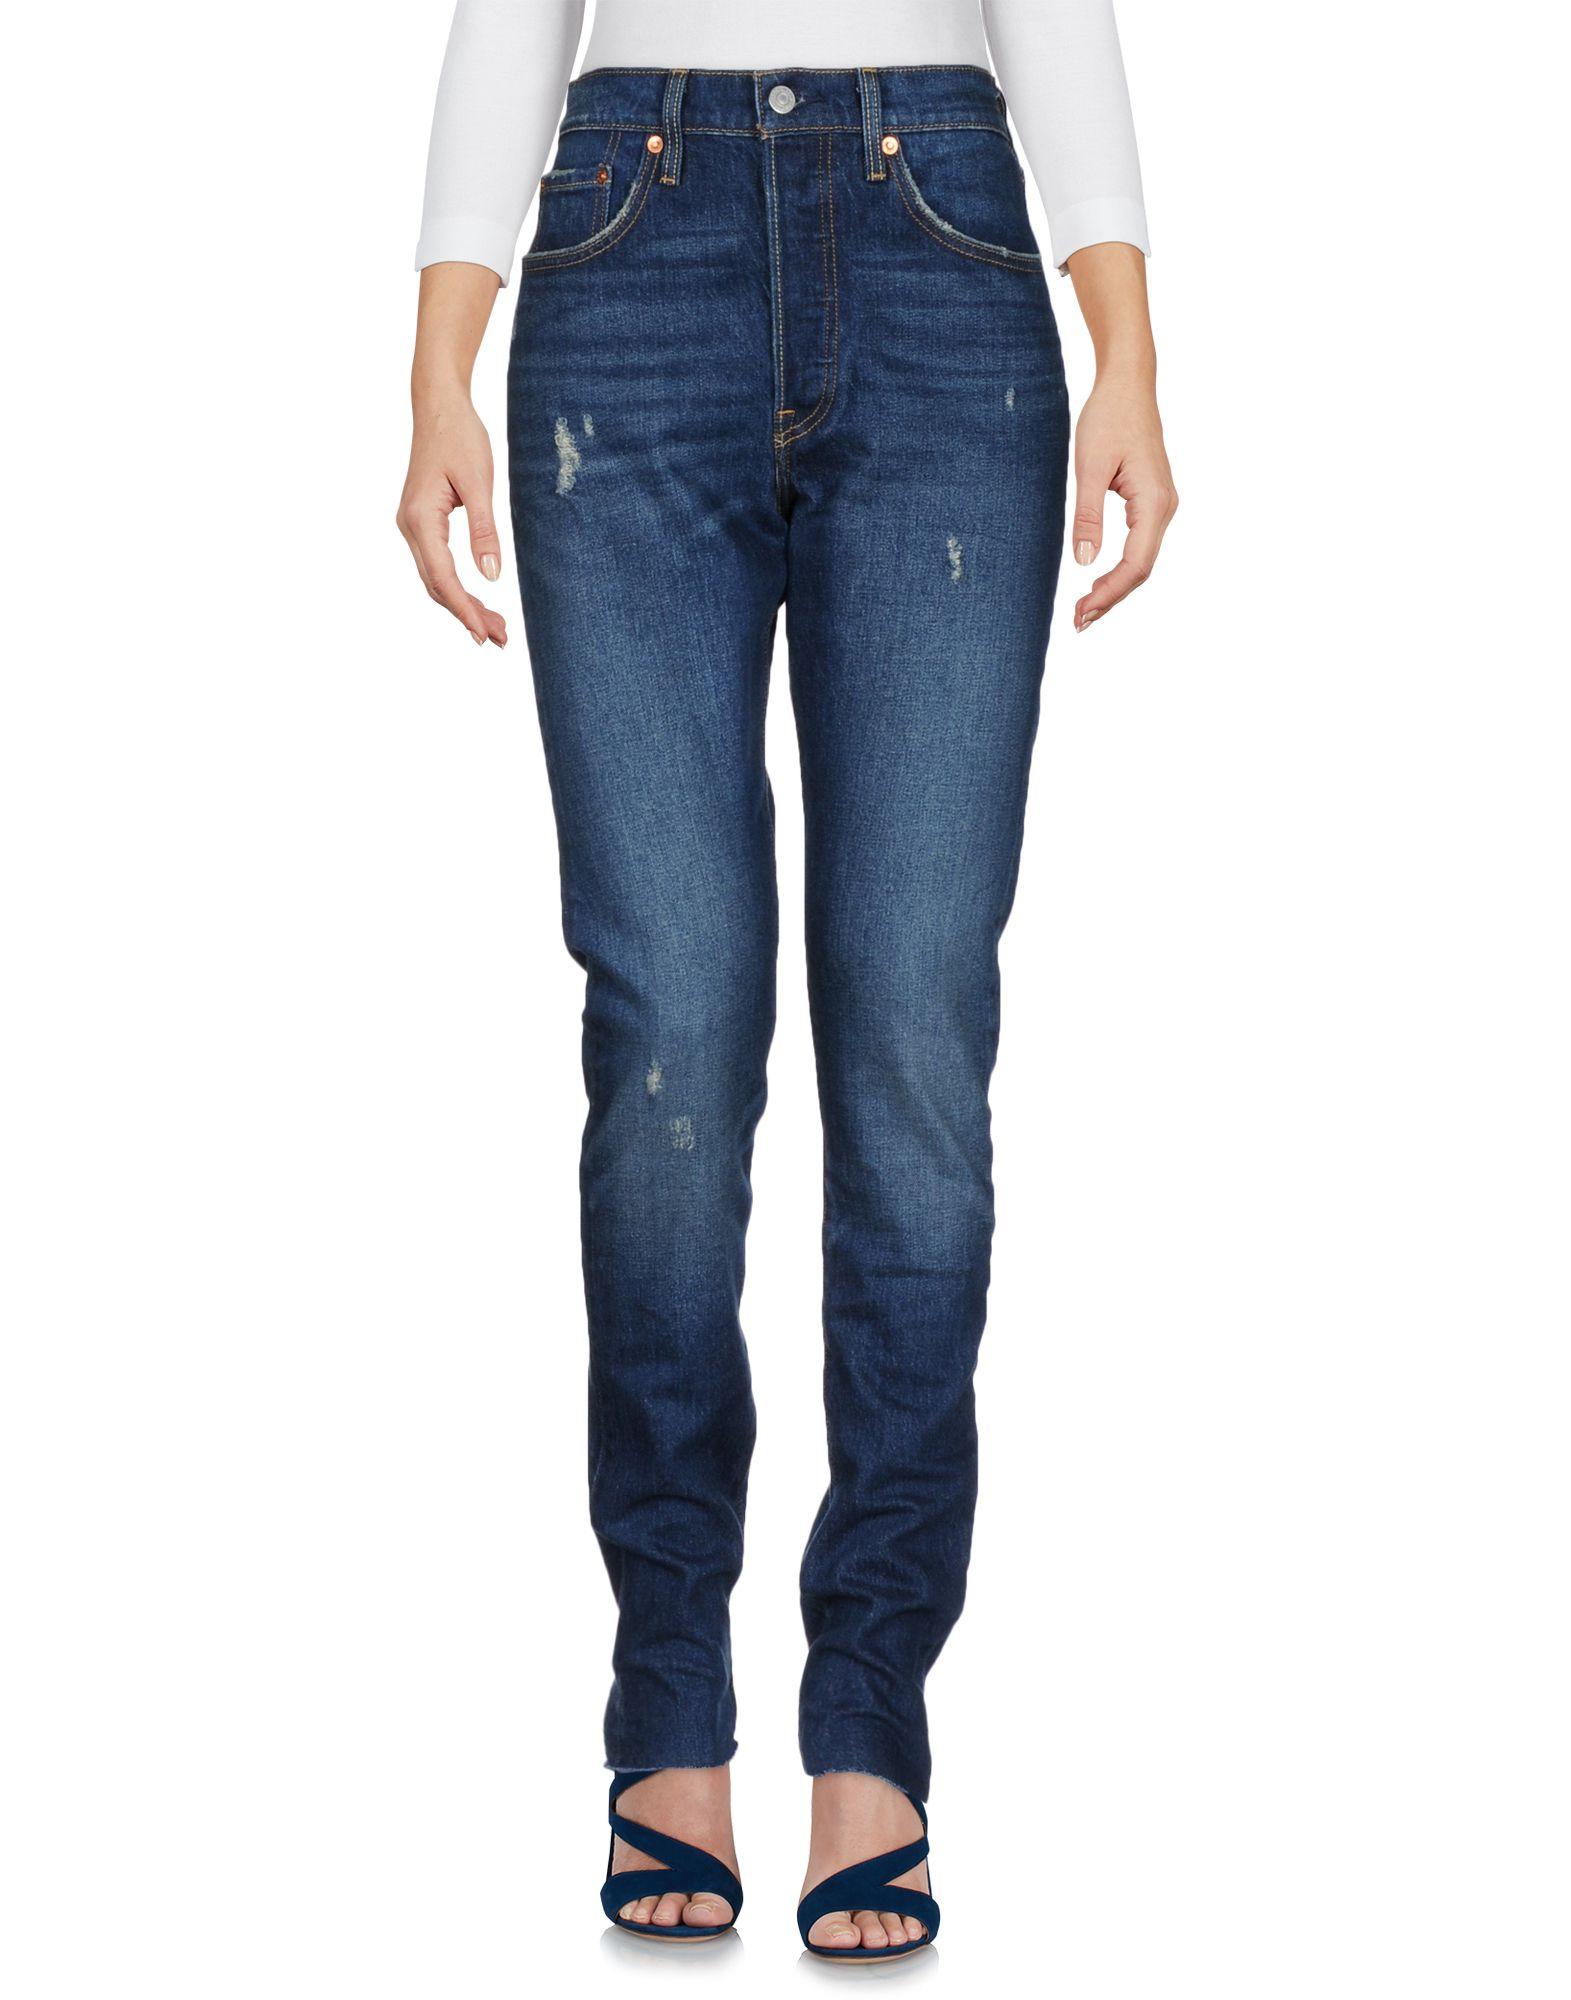 Levi\'s Red Tab Damen - Jeans, Shorts, Schuhe und mehr auf YOOX ...